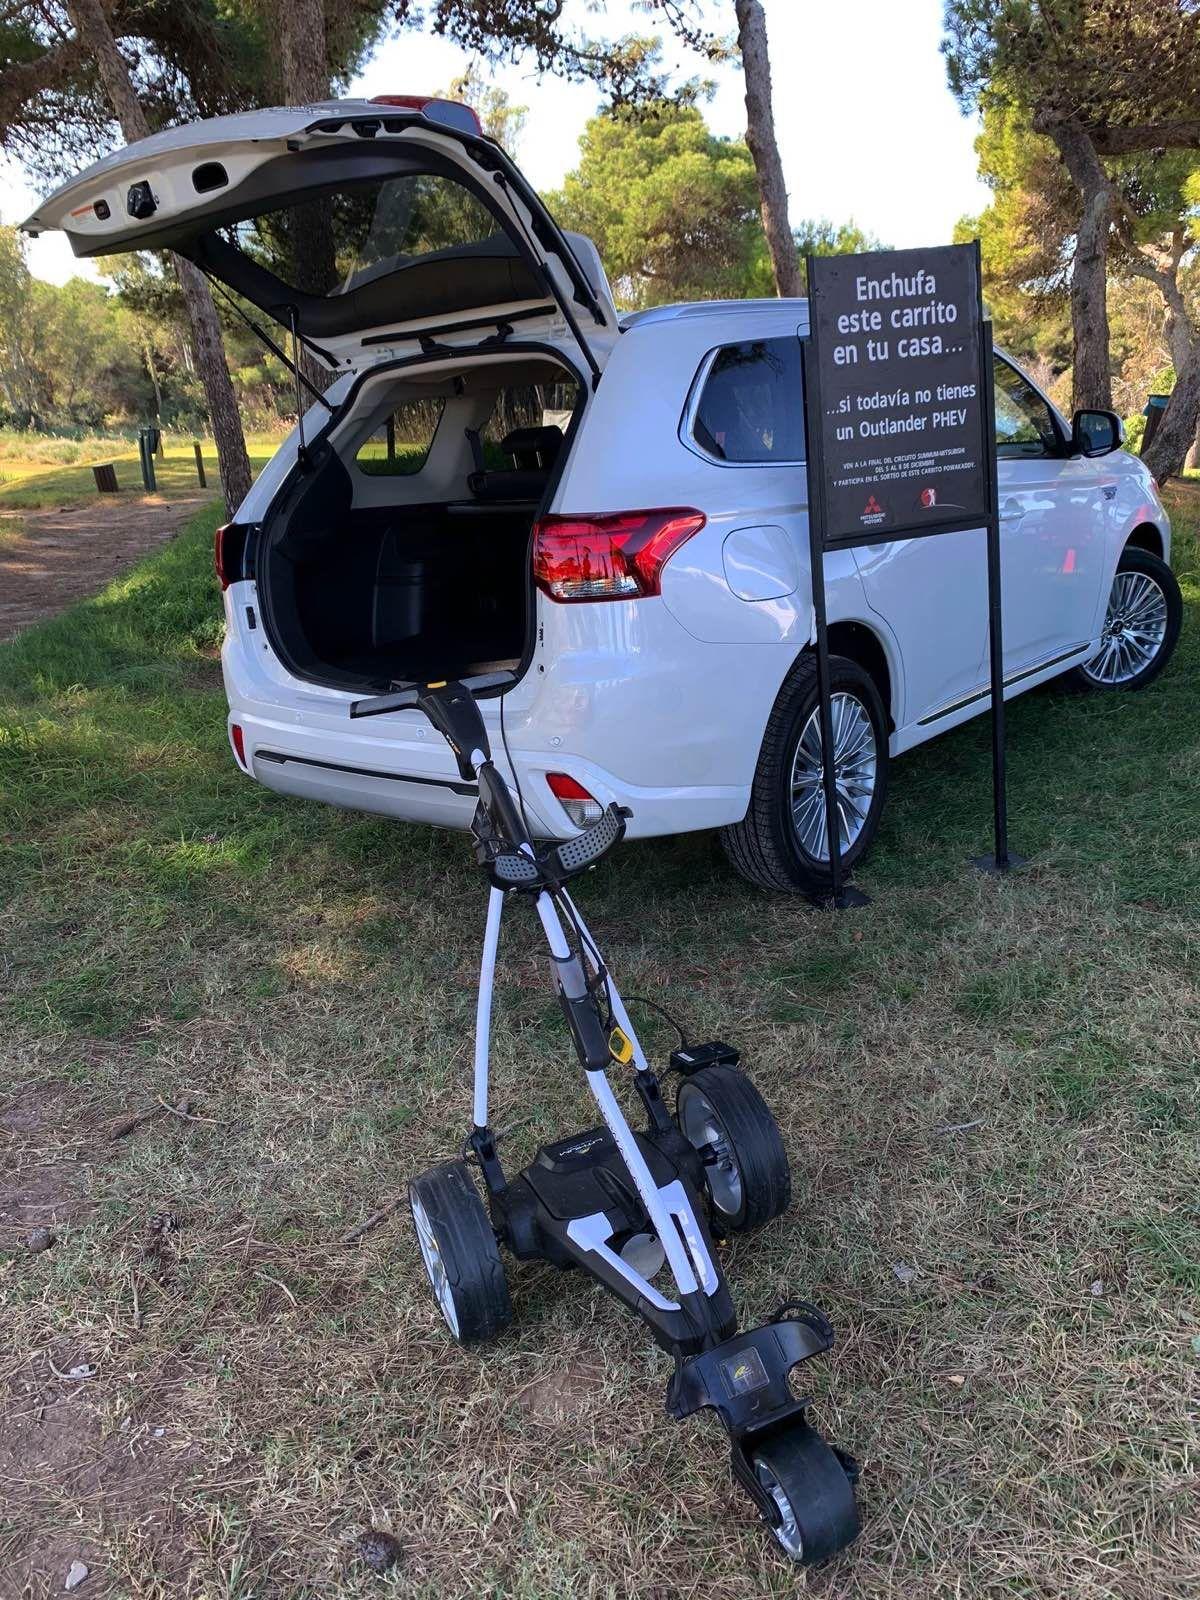 El Circuito Nacional Summum Mitsubishi 2019 vuelve a pasar por tierras valencianas